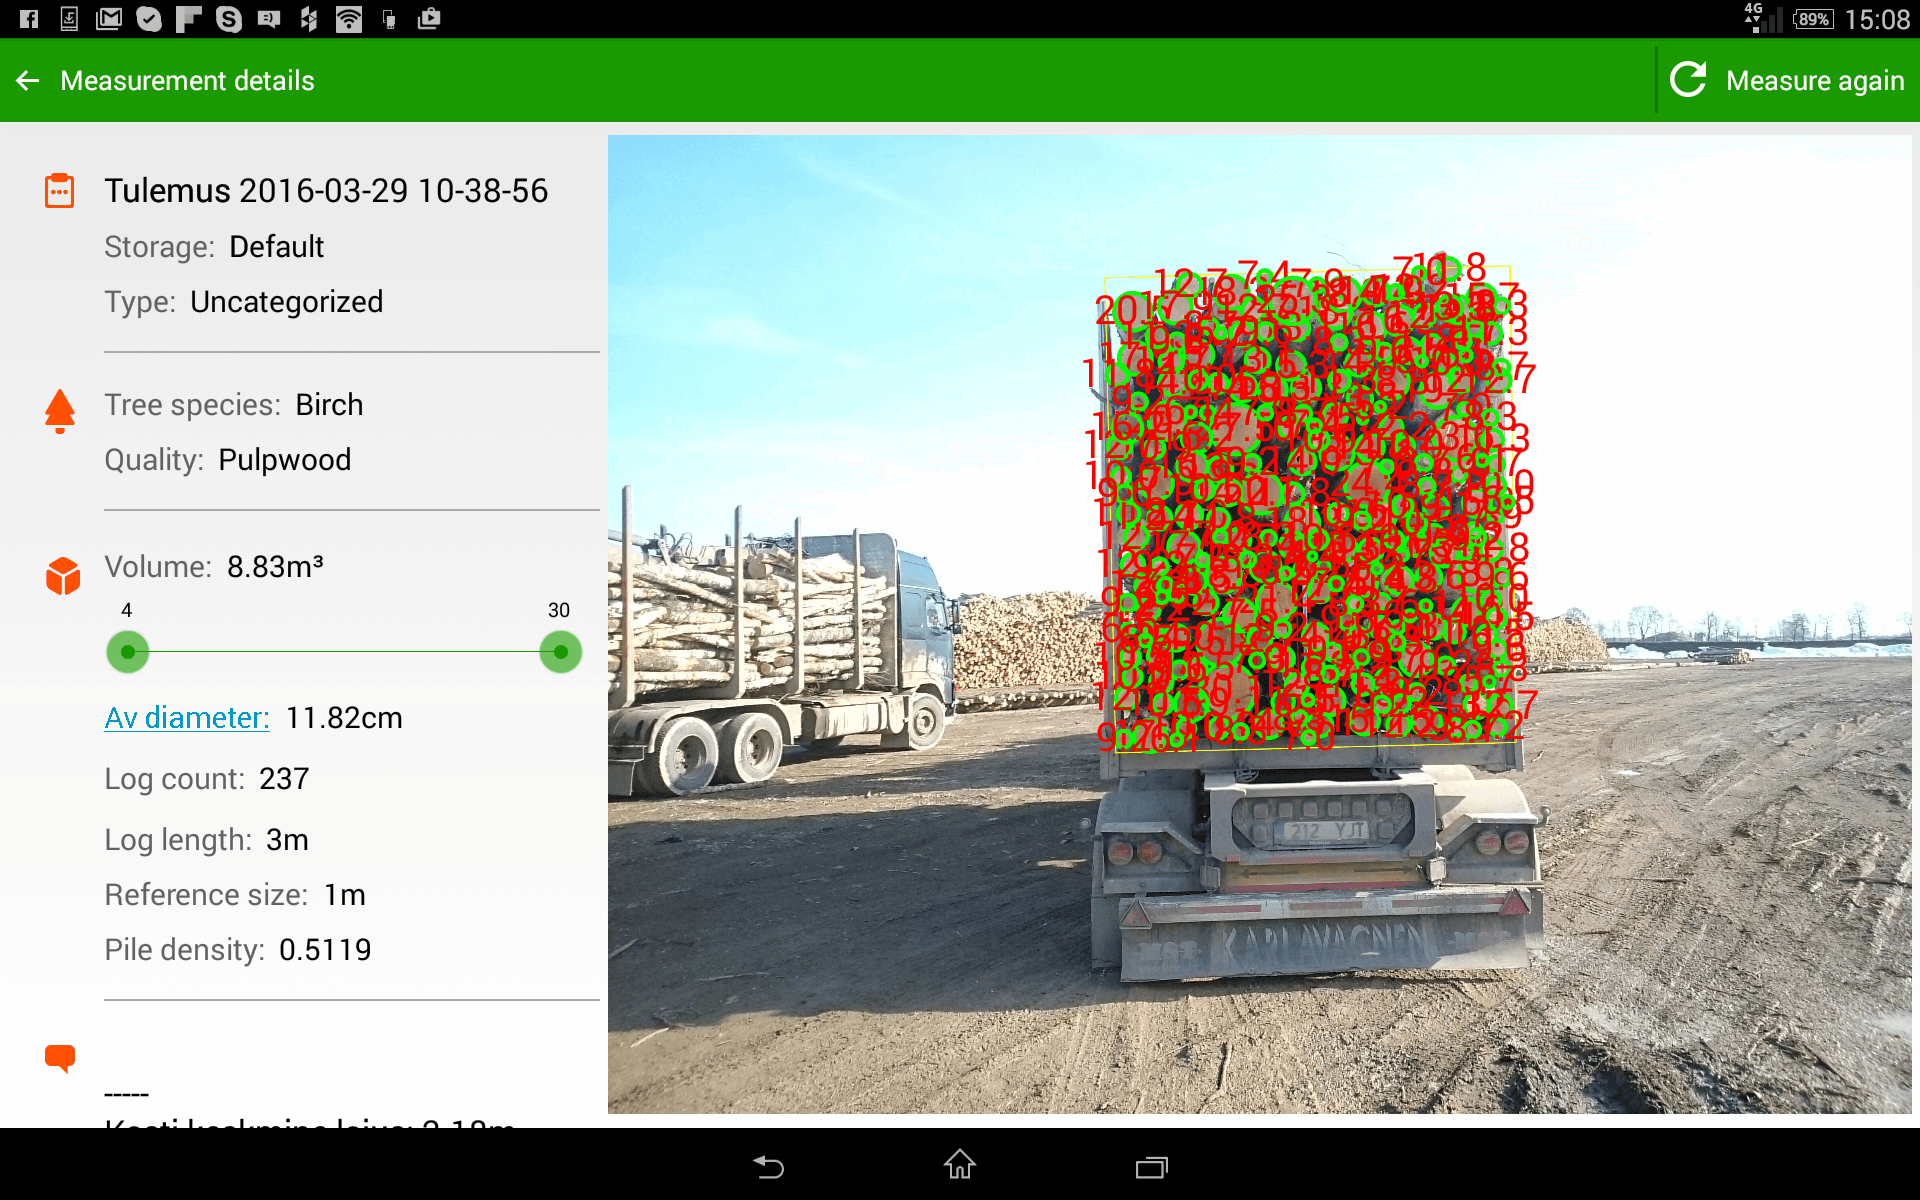 Levinuimad küsimused puidumõõtmisel